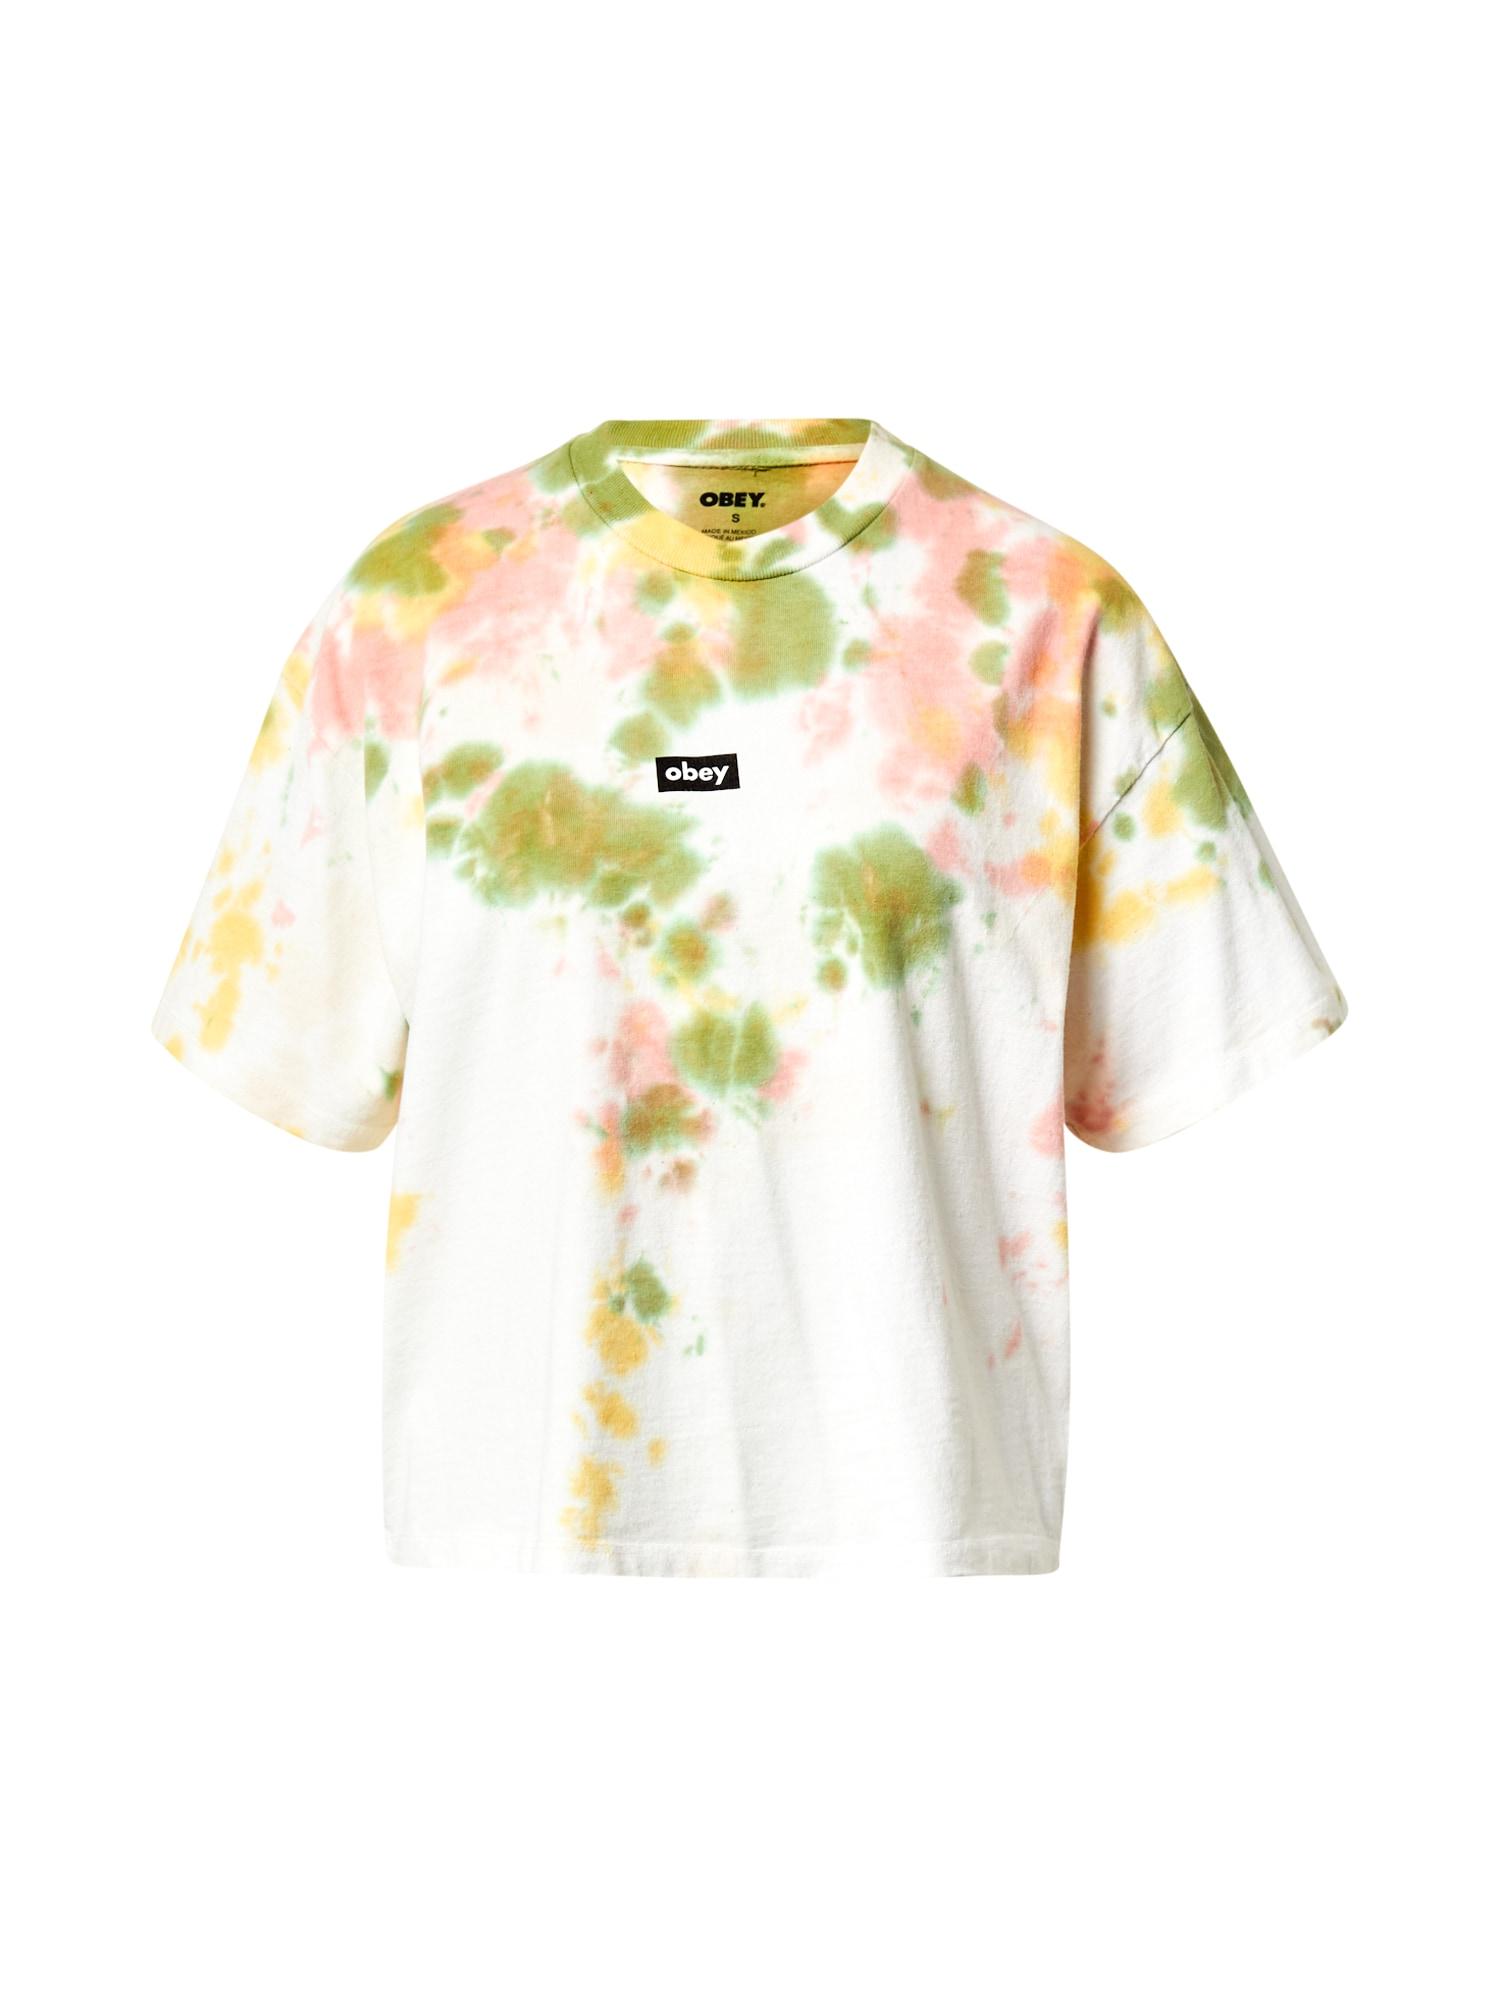 Obey Tričko  zelená / bílá / žlutá / růžová